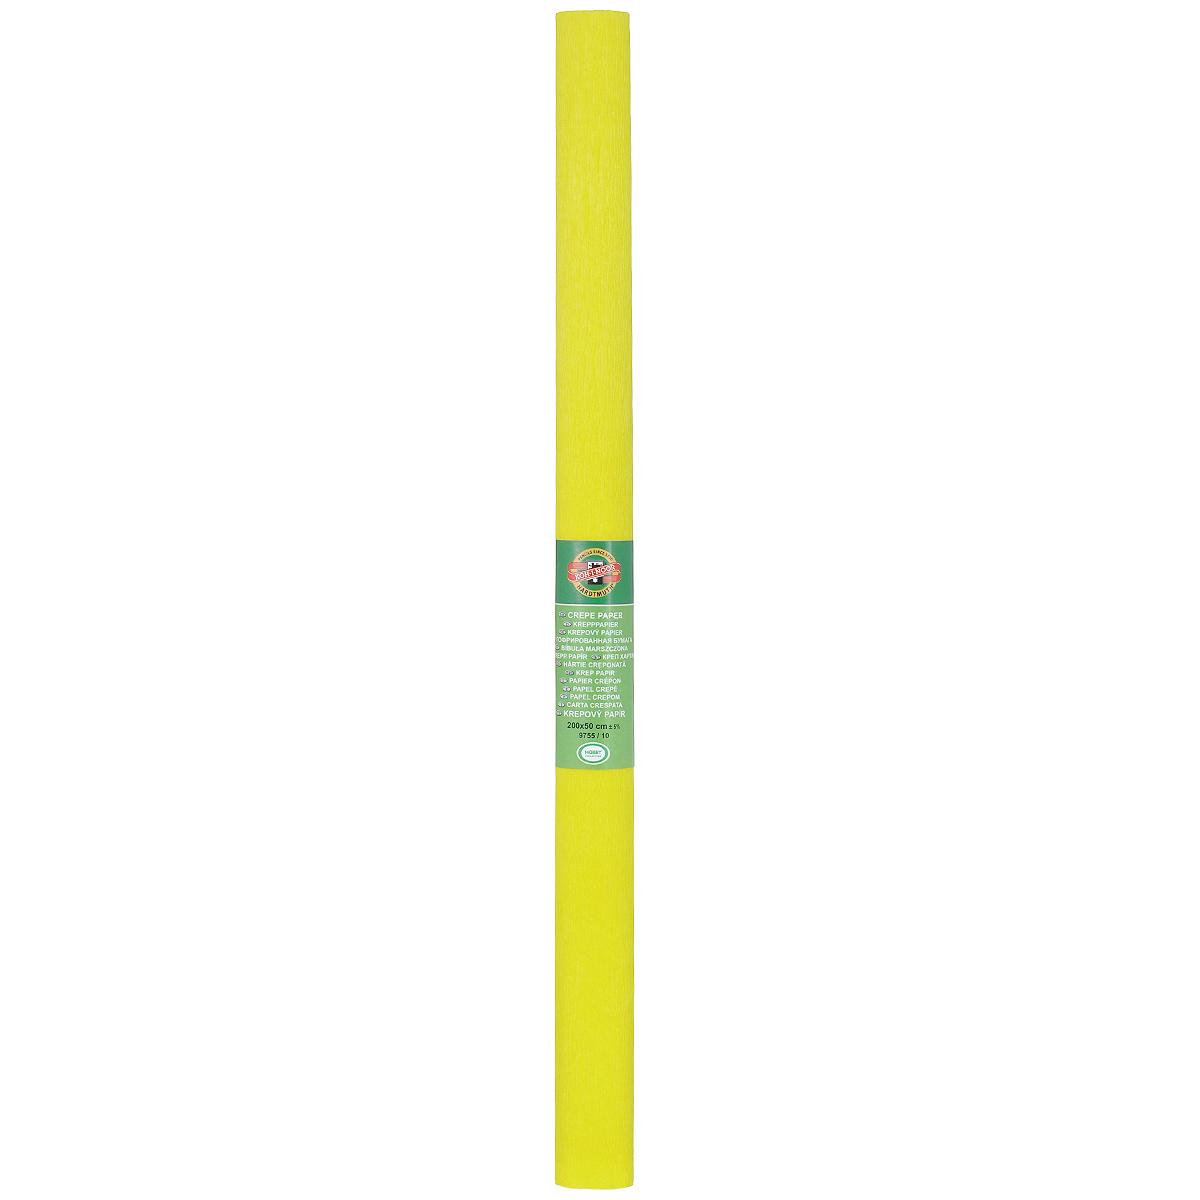 Бумага крепированная Koh-I-Noor, цвет: желтый, 50 см x 2 м9755/09Гофрированная бумага Koh-I-Noor - прекрасный материал для декорирования, изготовления эффектной упаковки и различных поделок. Бумага прекрасно держит форму, не пачкает руки, отлично крепится и замечательно подходит для изготовления праздничной упаковки для цветов.